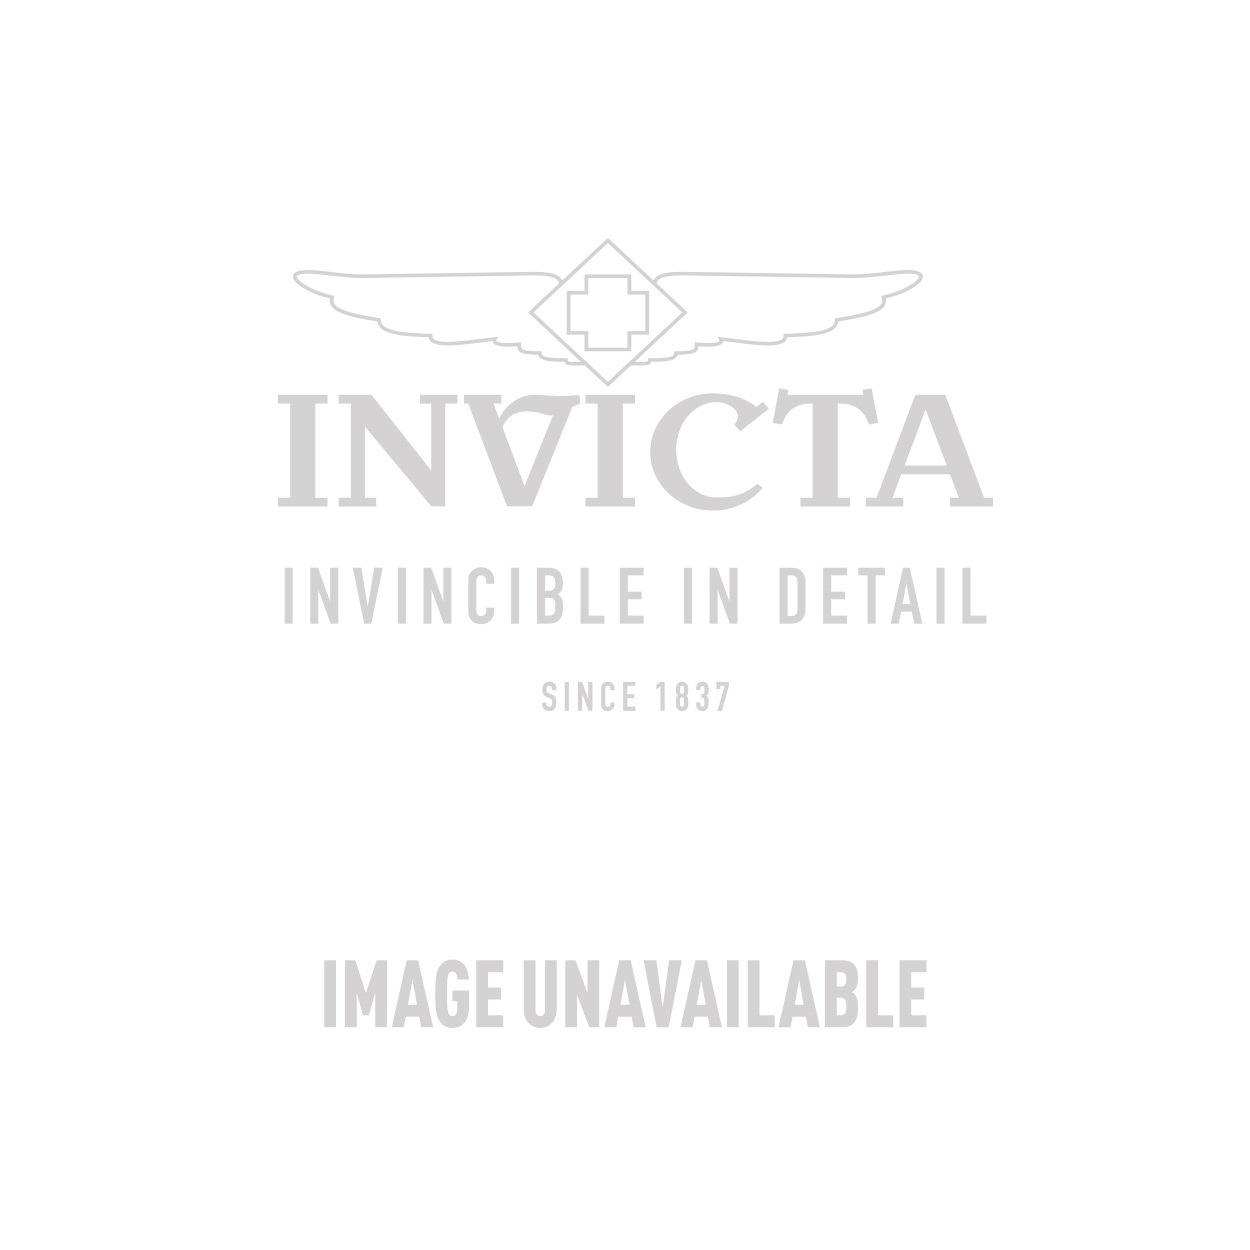 Invicta Model 28620